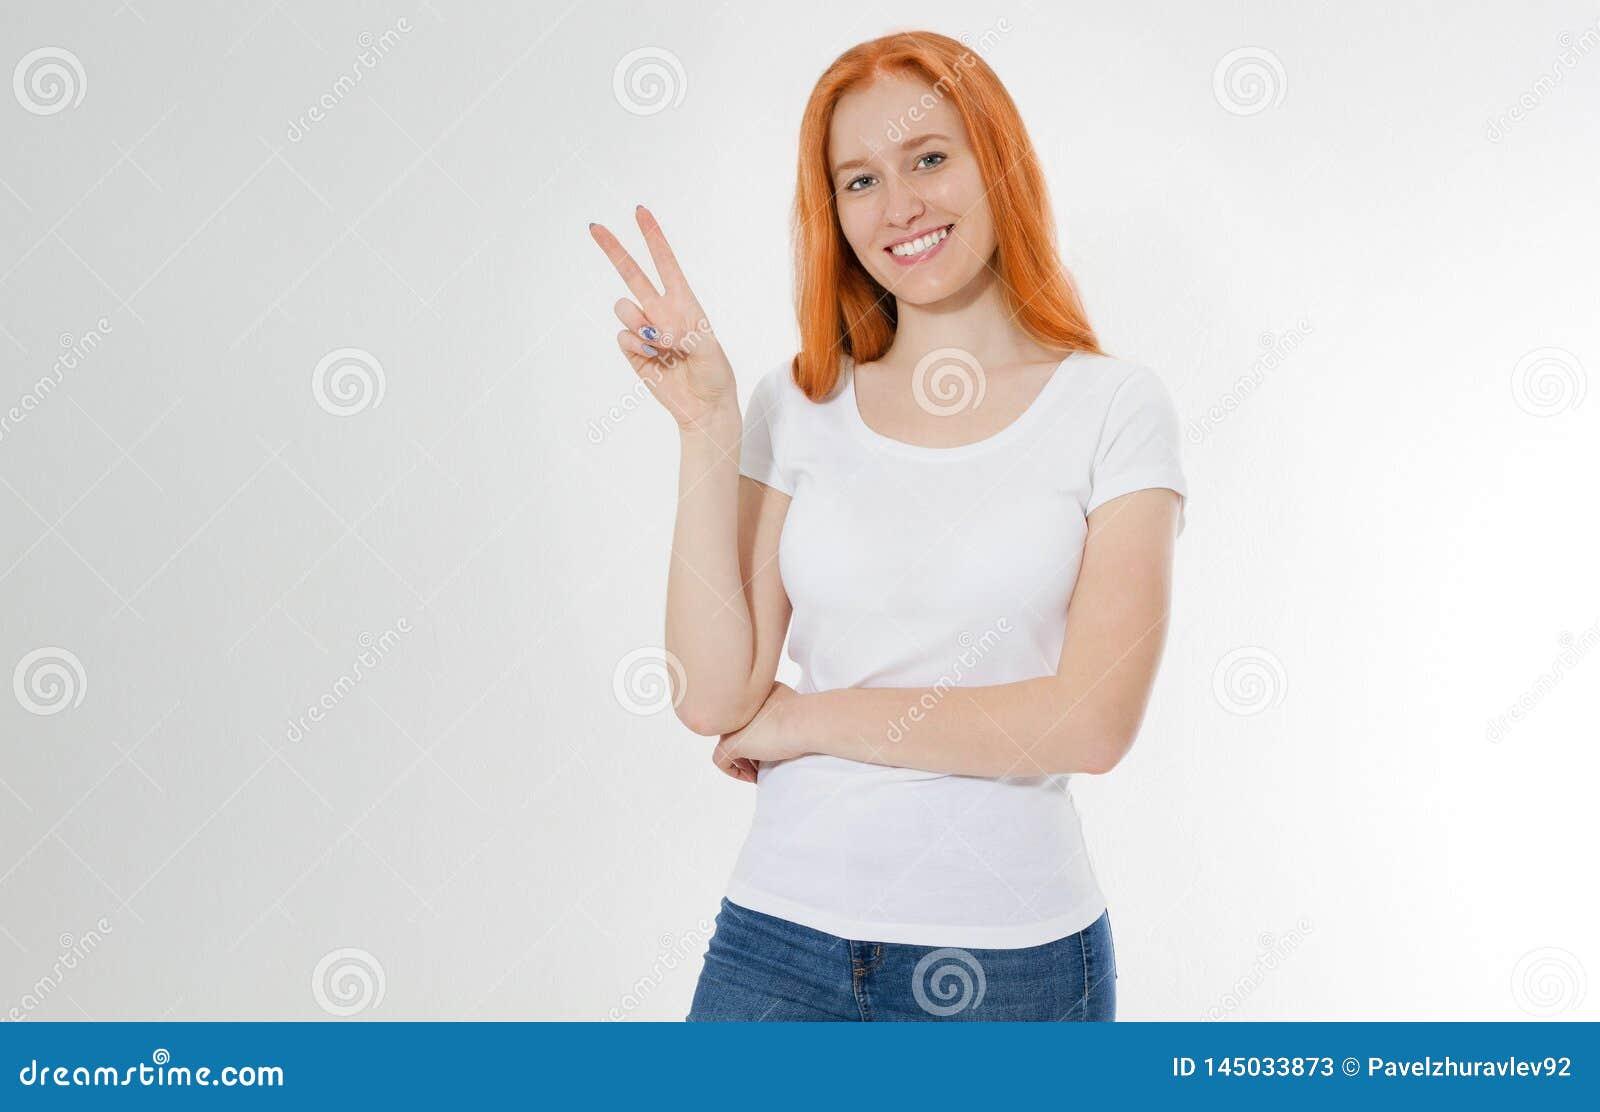 Glückliches rotes Haarmädchen, das Kamera mit Lächeln betrachtet und Friedenszeichen mit den Fingern, junger Rothaarigefrau ü